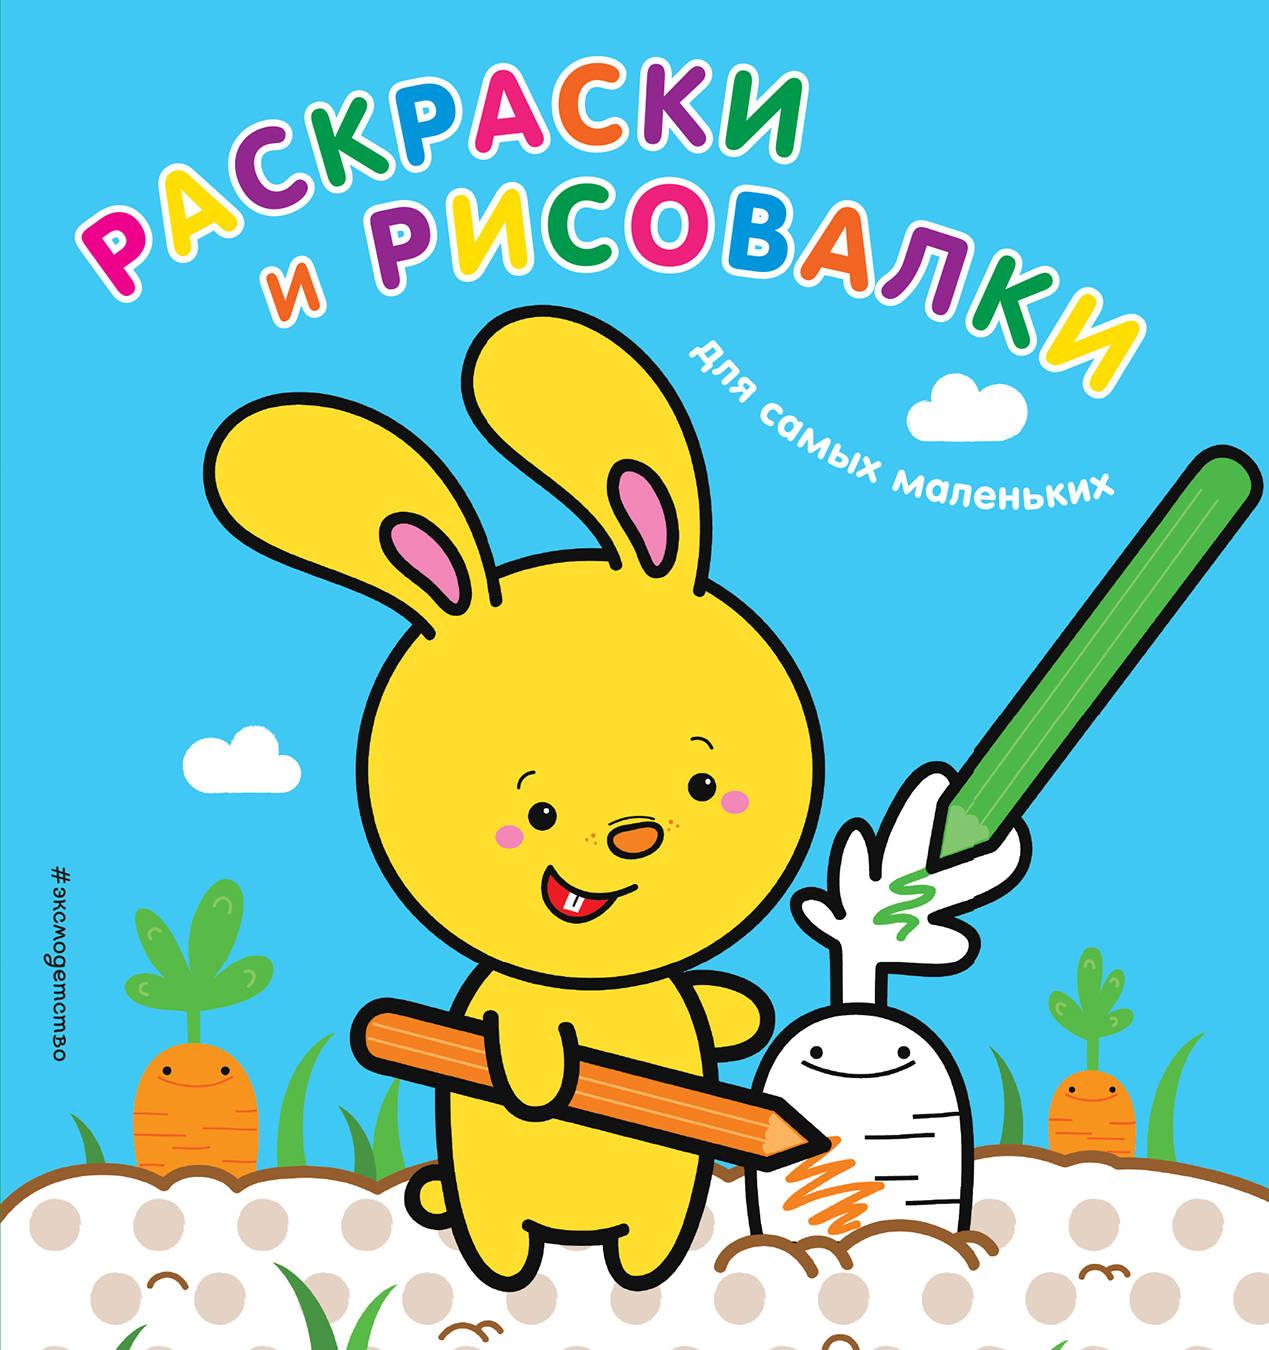 Раскраски и рисовалки для самых маленьких (зайчонок) раскраски и рисовалки для девочек х5